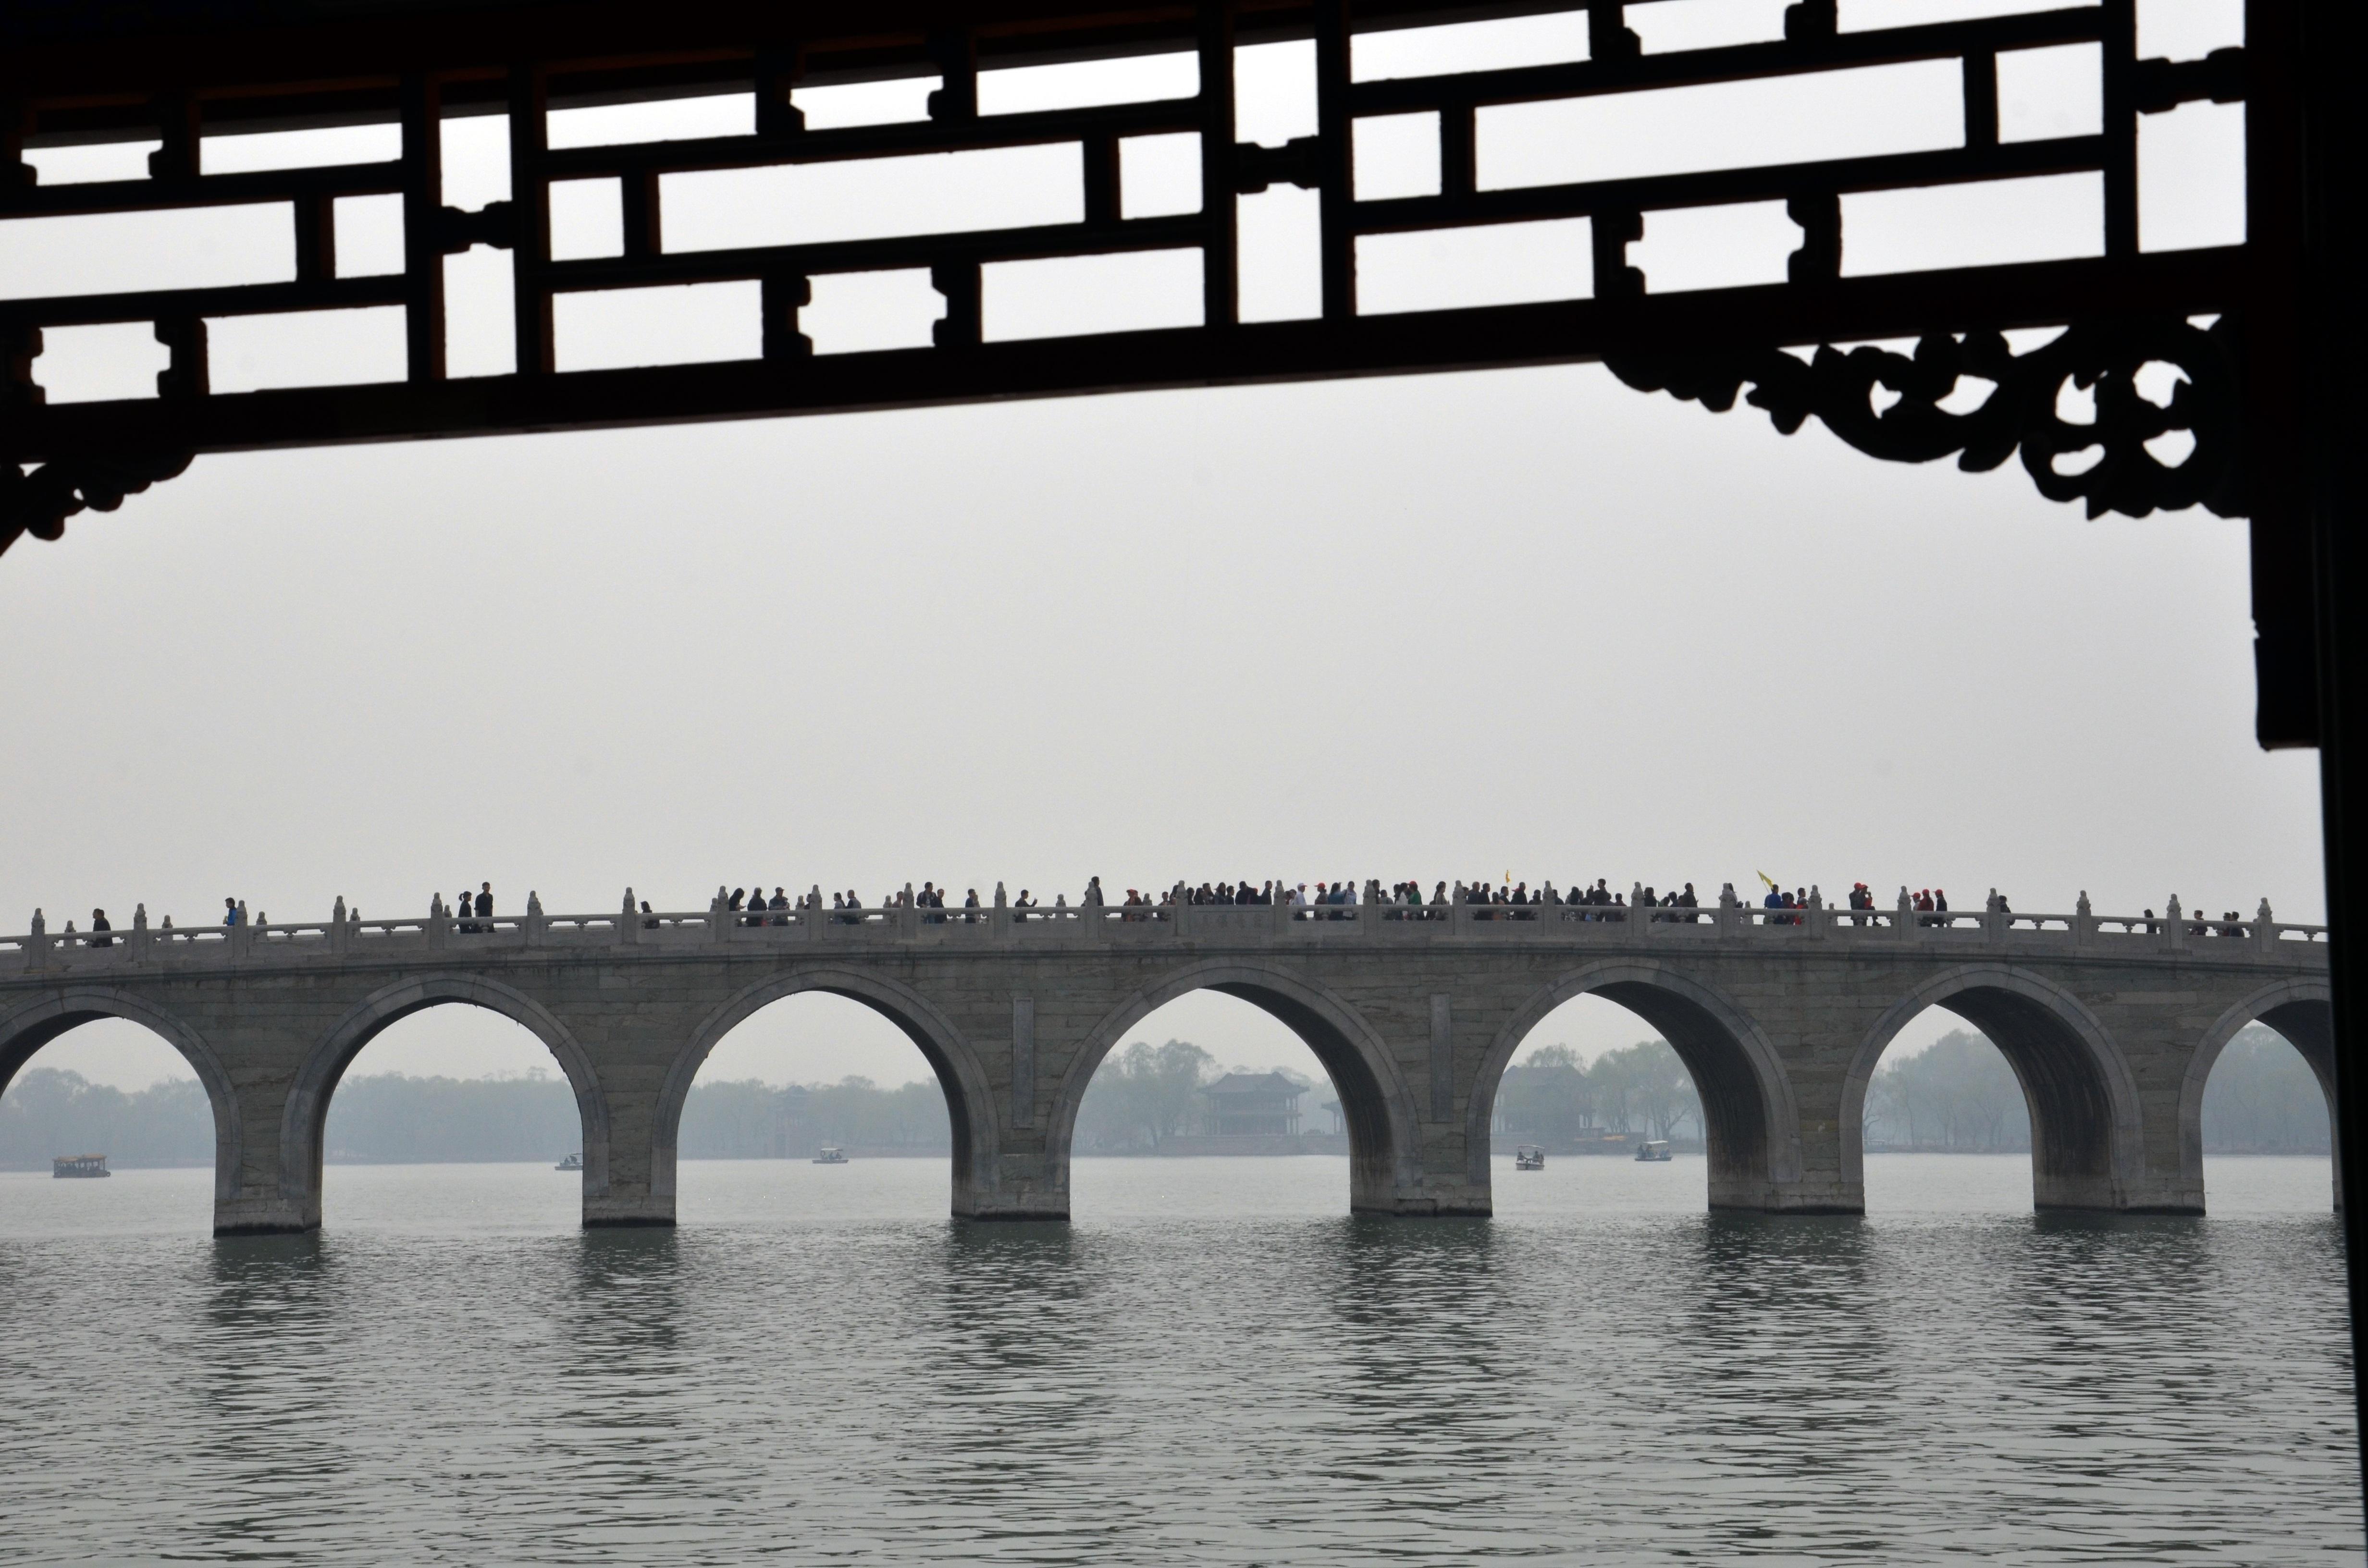 таким смысл моста на картинке носит